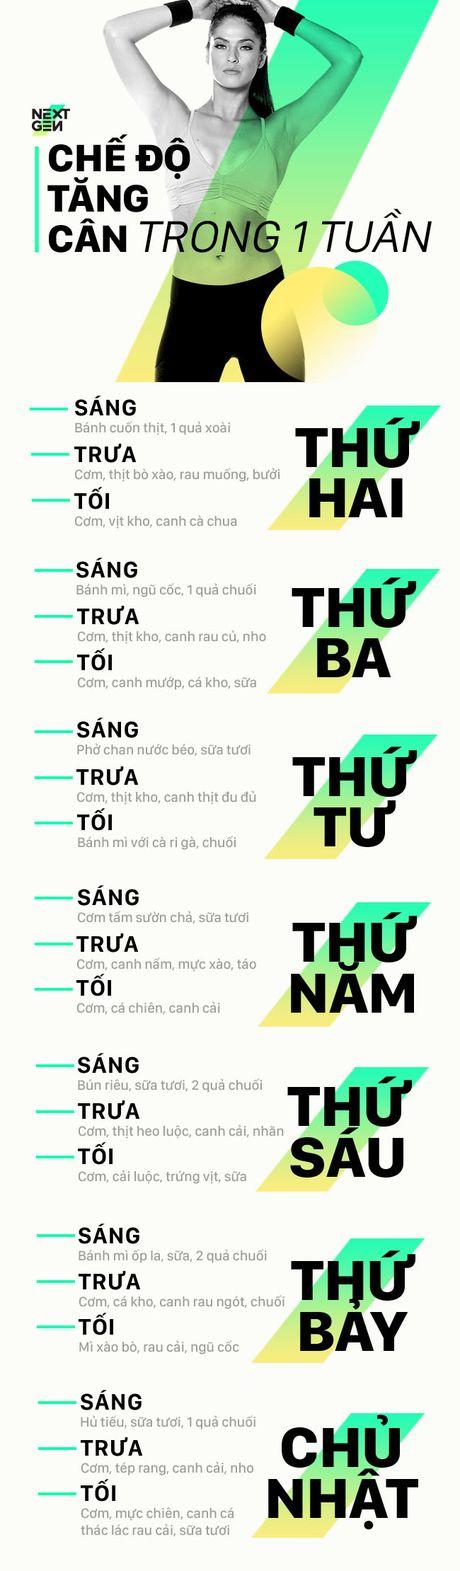 Gia tu than hinh 'co huong' voi che do an uong tang can trong 1 tuan - Anh 1